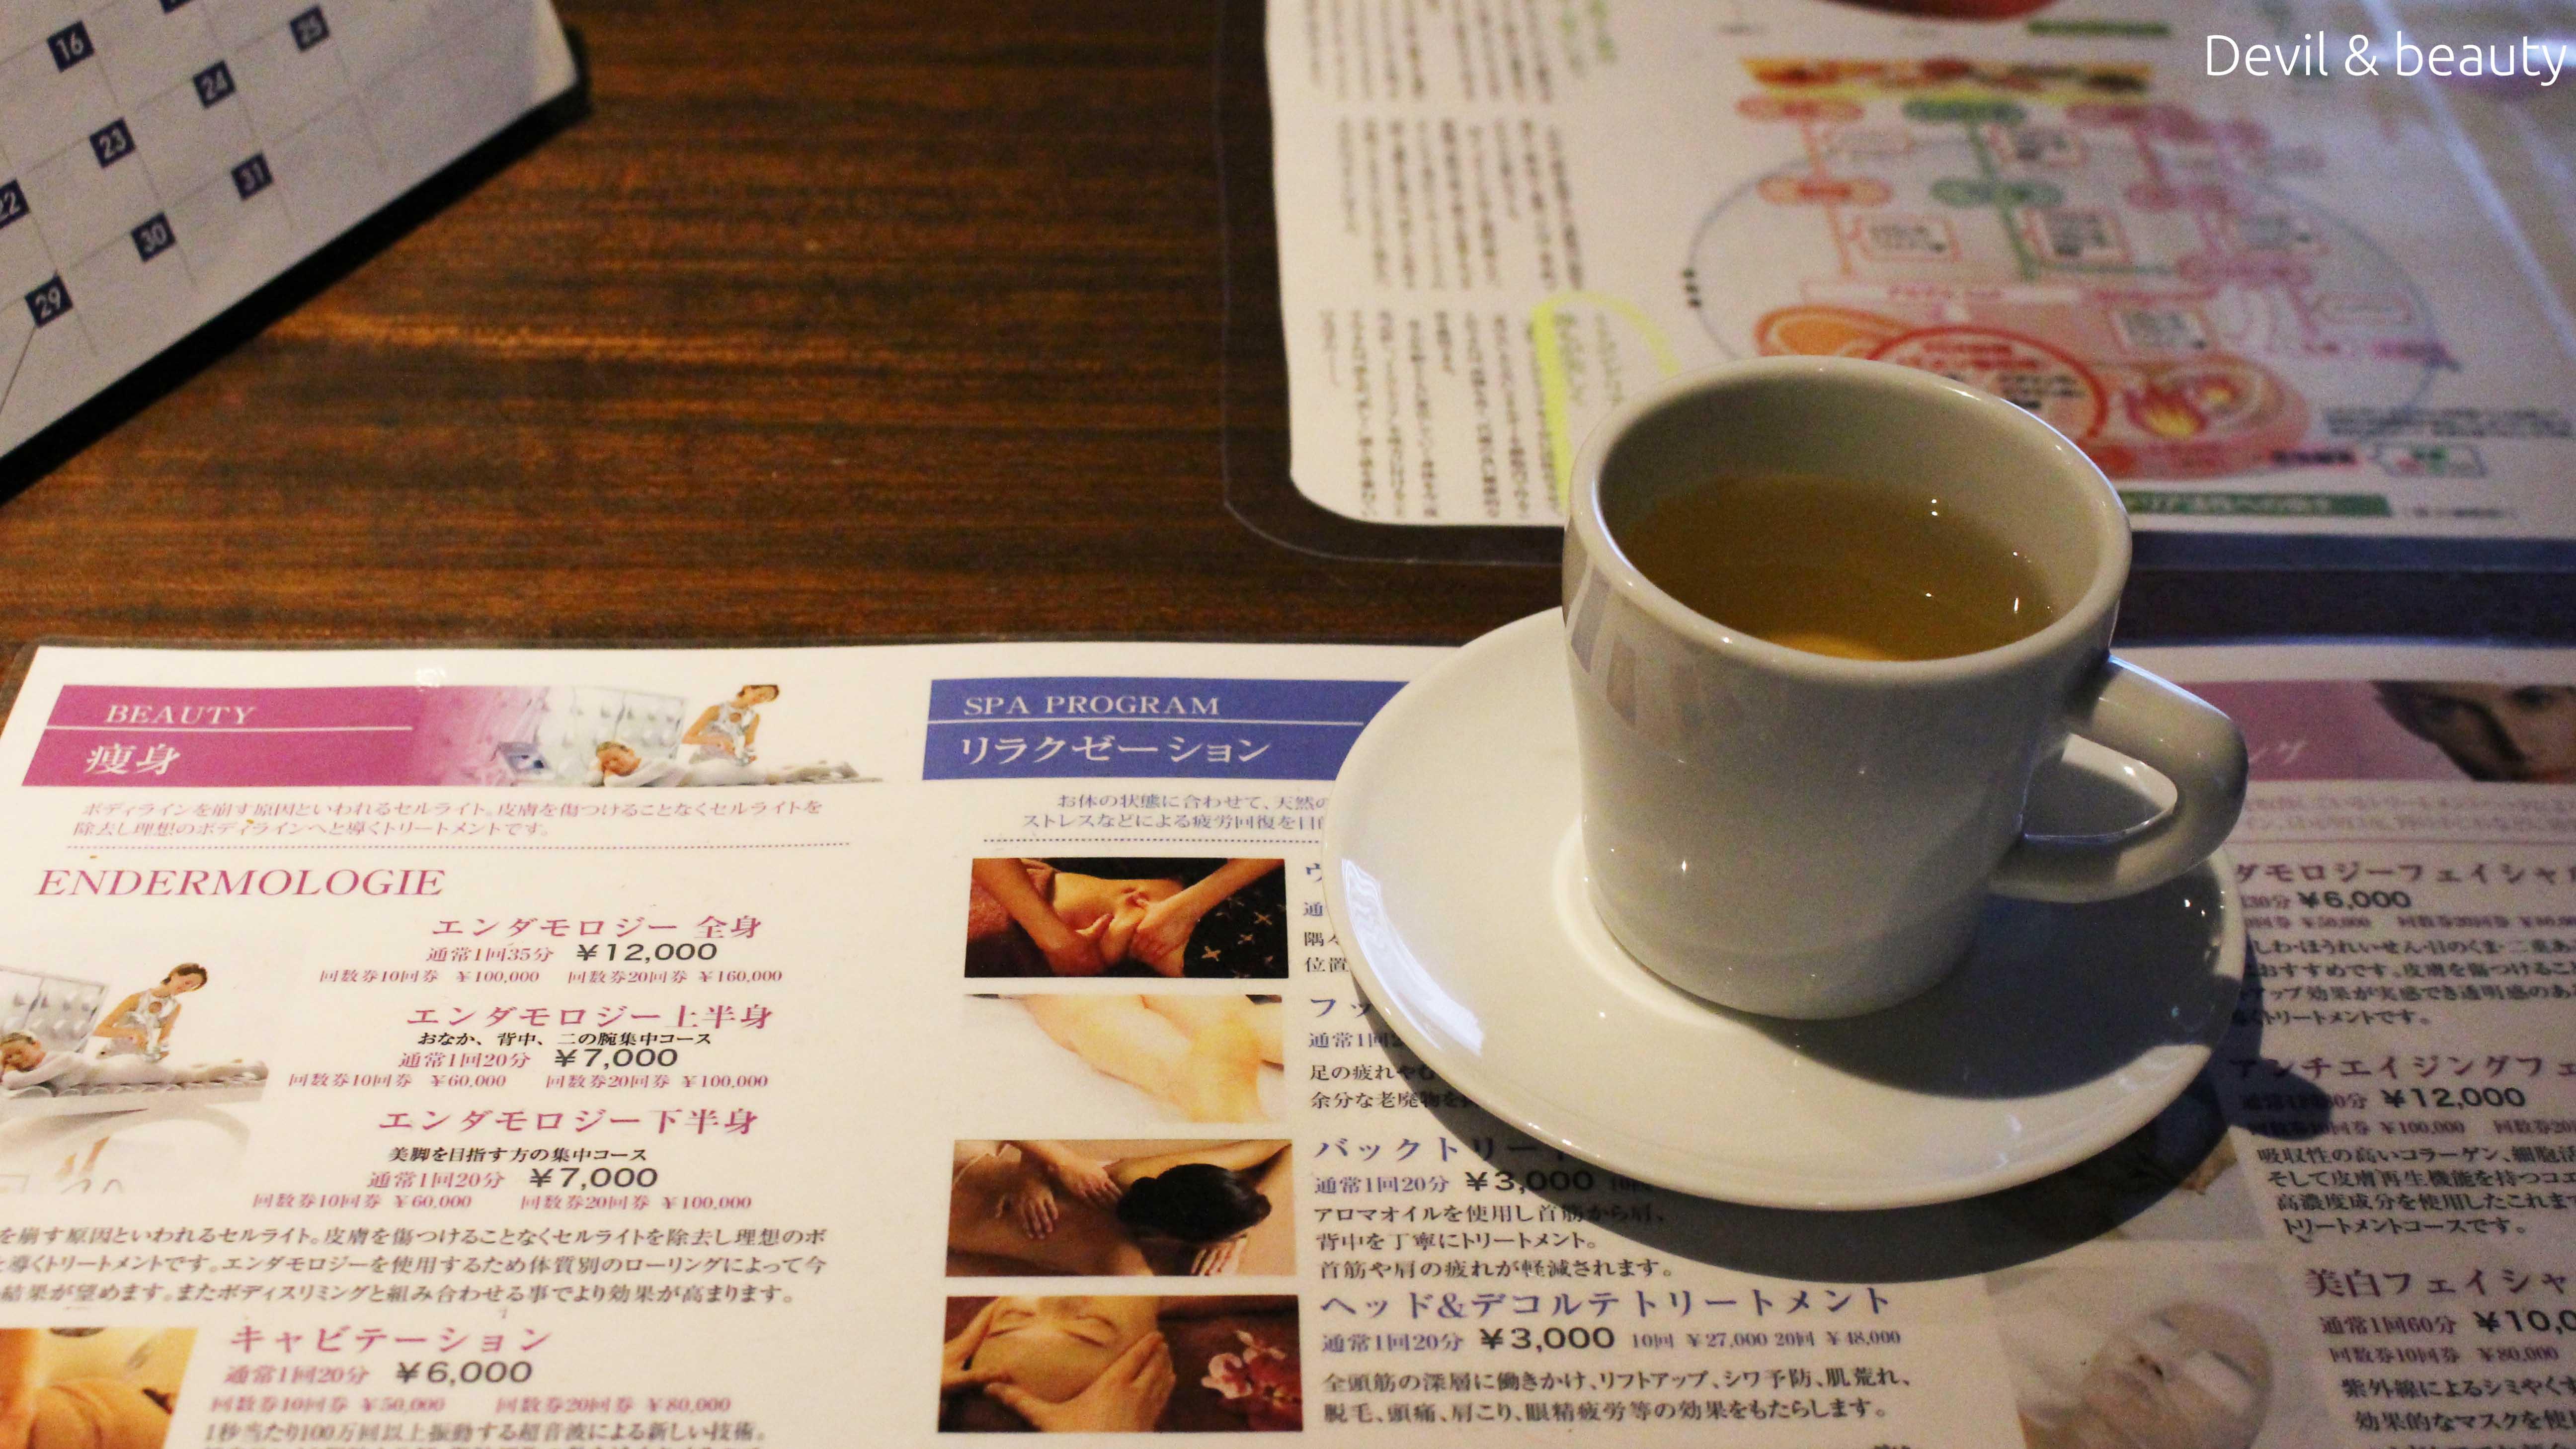 lyra-shibuya6 - image